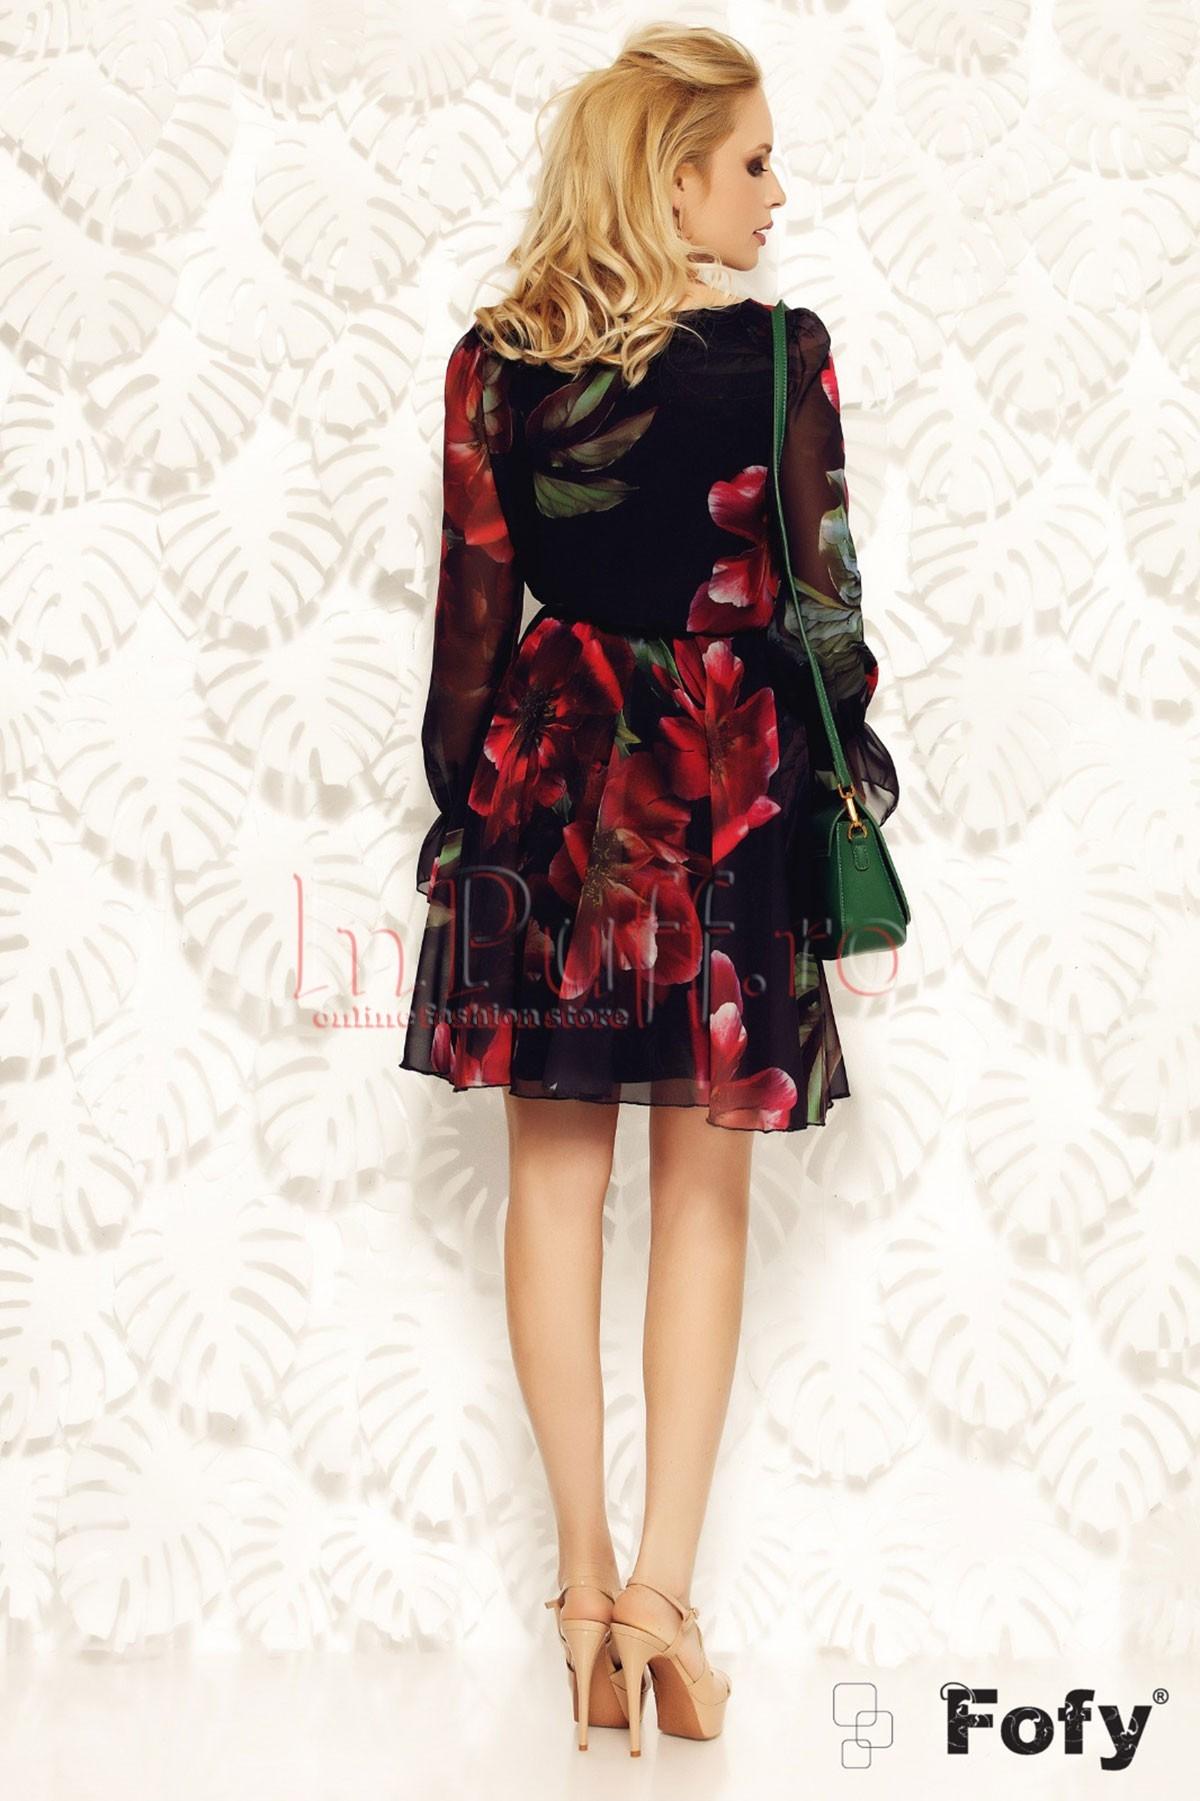 Rochie Fofy eleganta din voal cu flori rosii imprimate